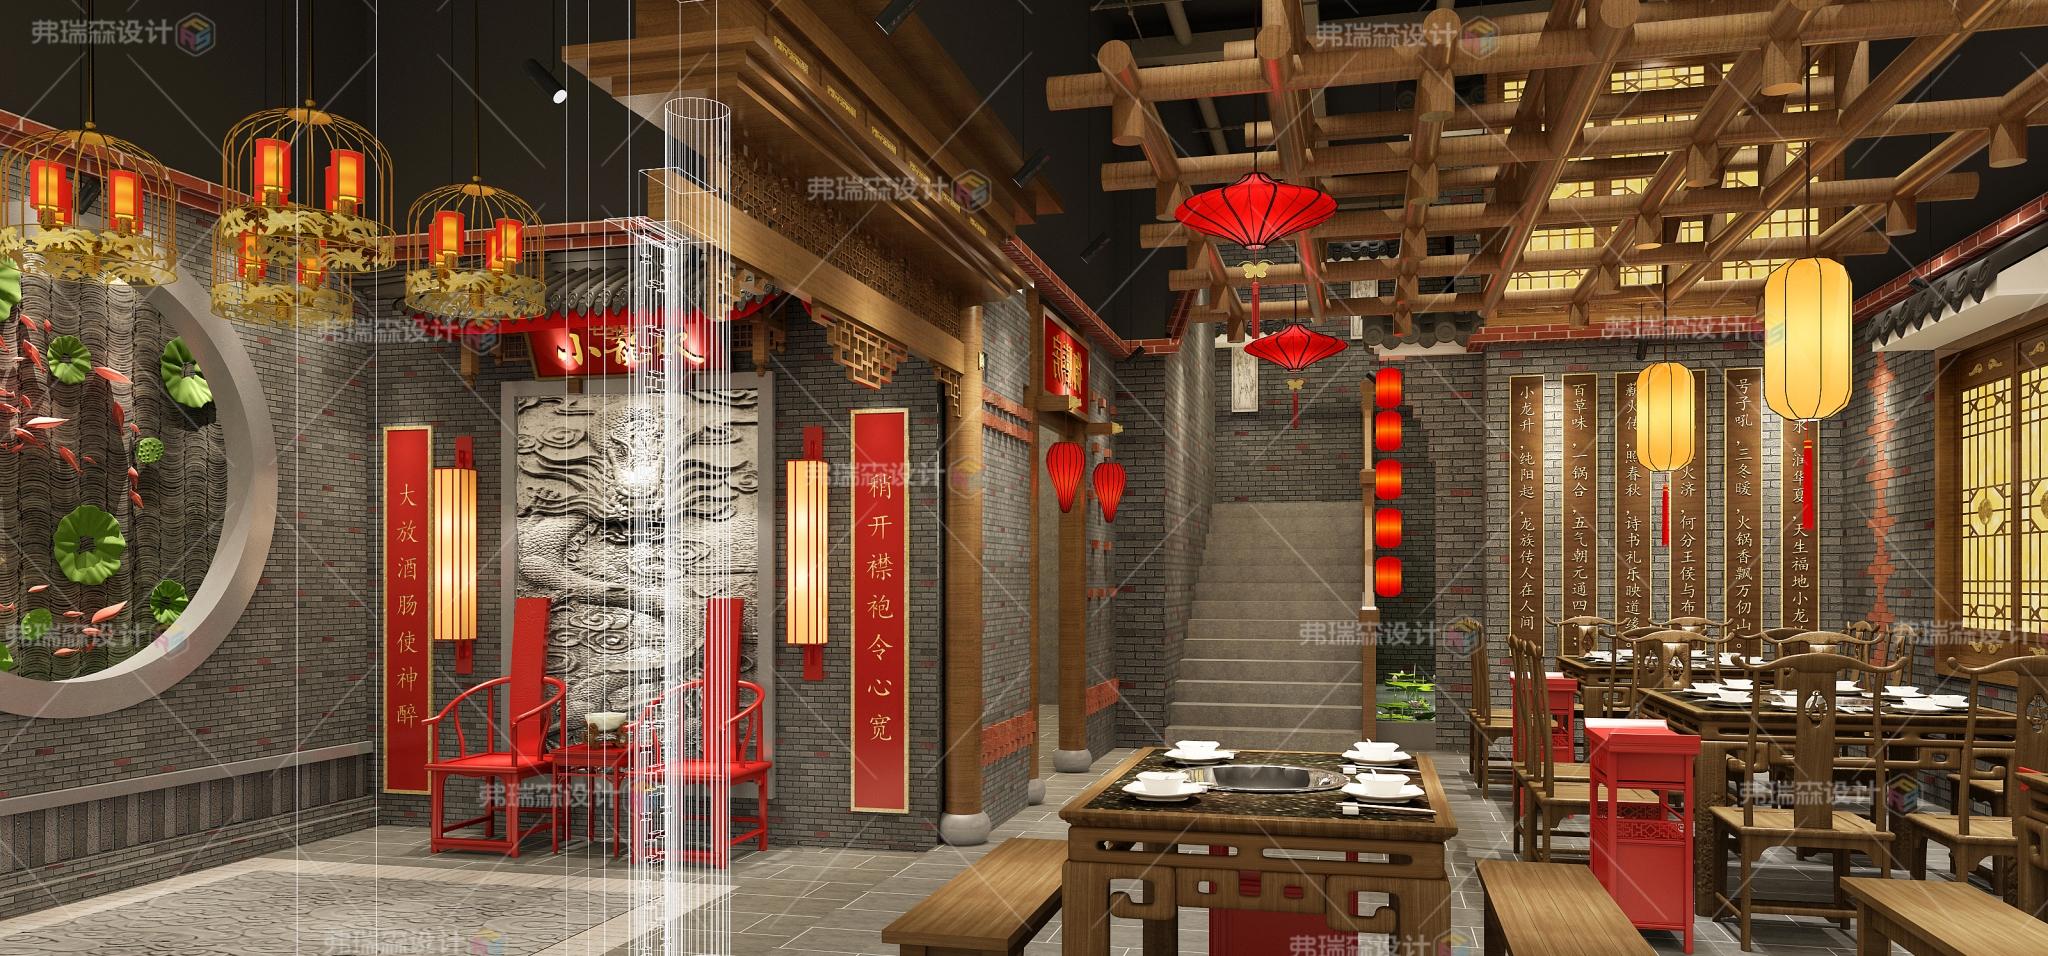 中餐厅大堂装修效果图